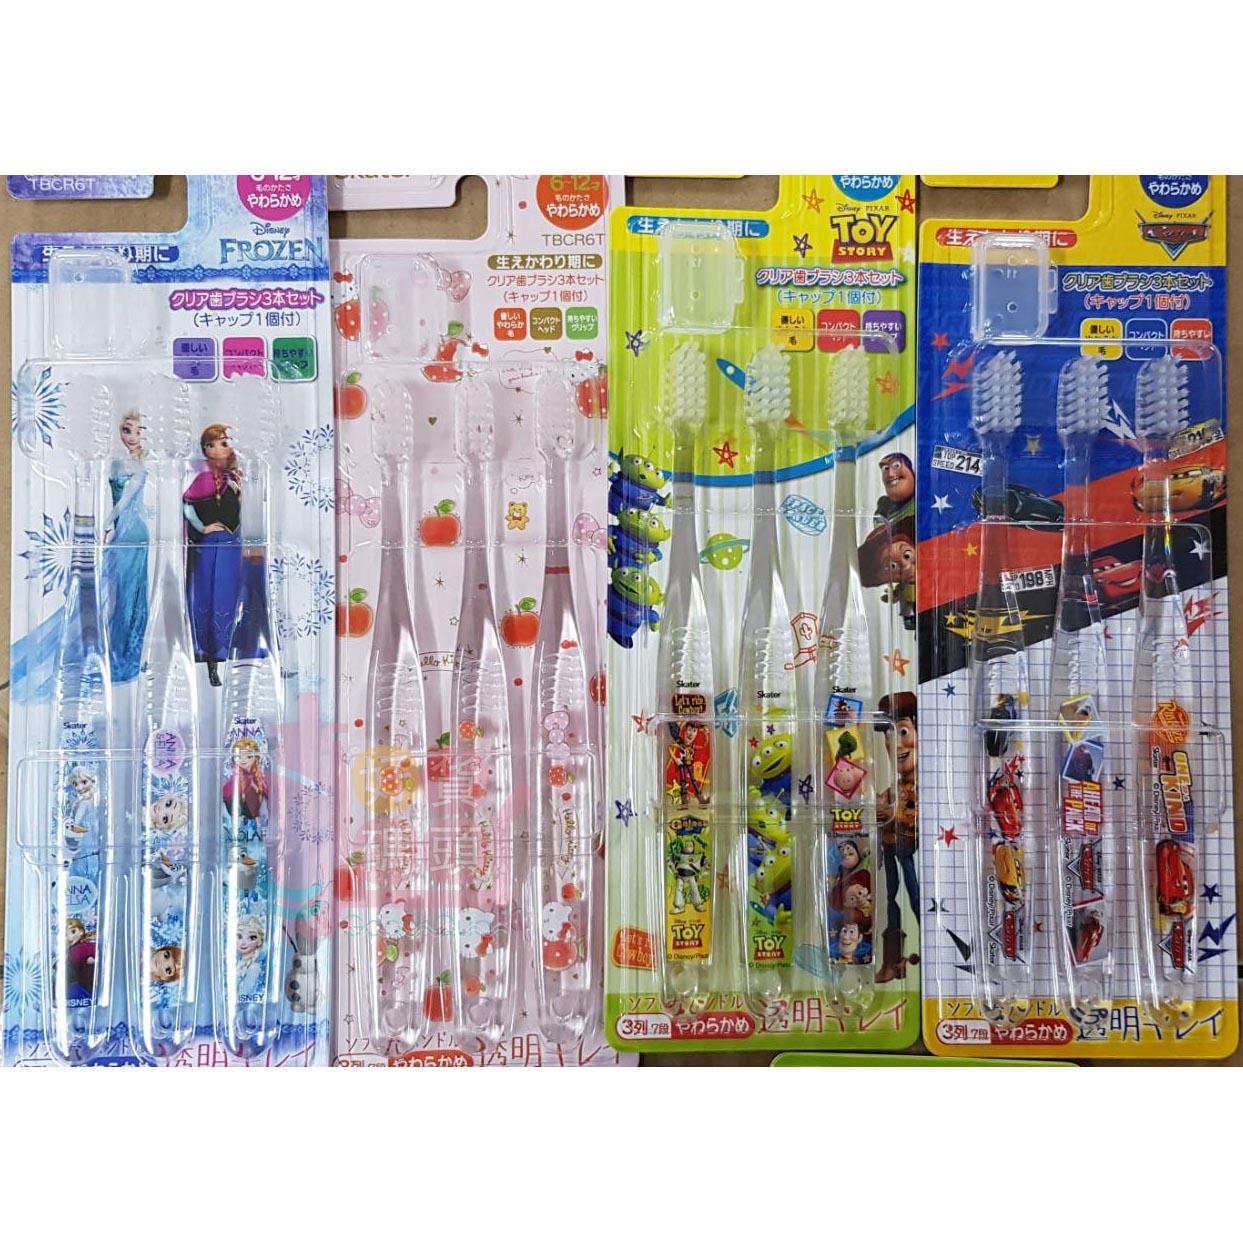 【兒童洗漱】日本Skater兒童牙刷3入組可愛卡通凱蒂貓hellokitty鐵道王國女生男生幼兒牙刷清潔牙齒3-5歲 6-12歲 9